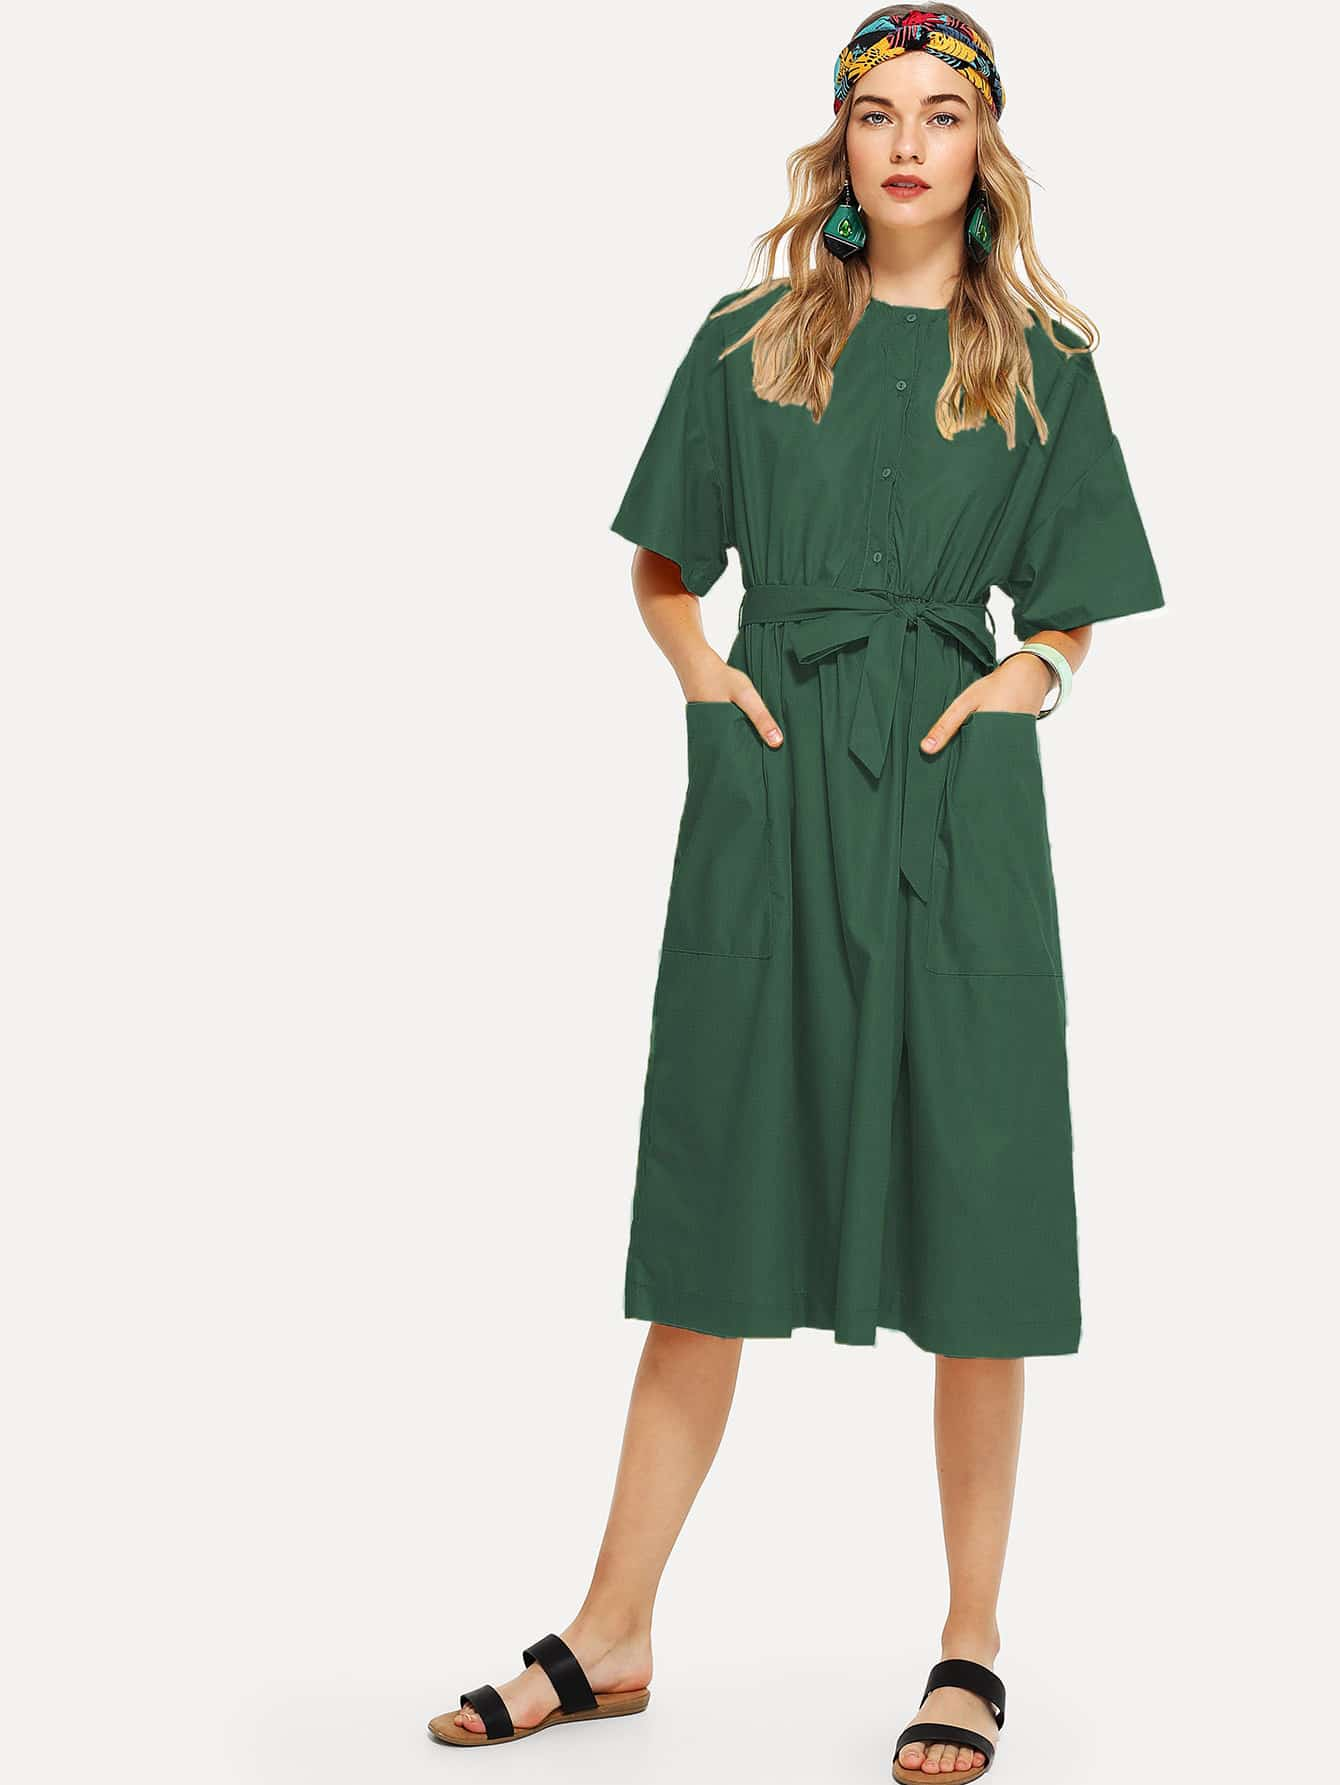 Купить Платье с поясом и с украшением карманов перед одежды, Teresa, SheIn